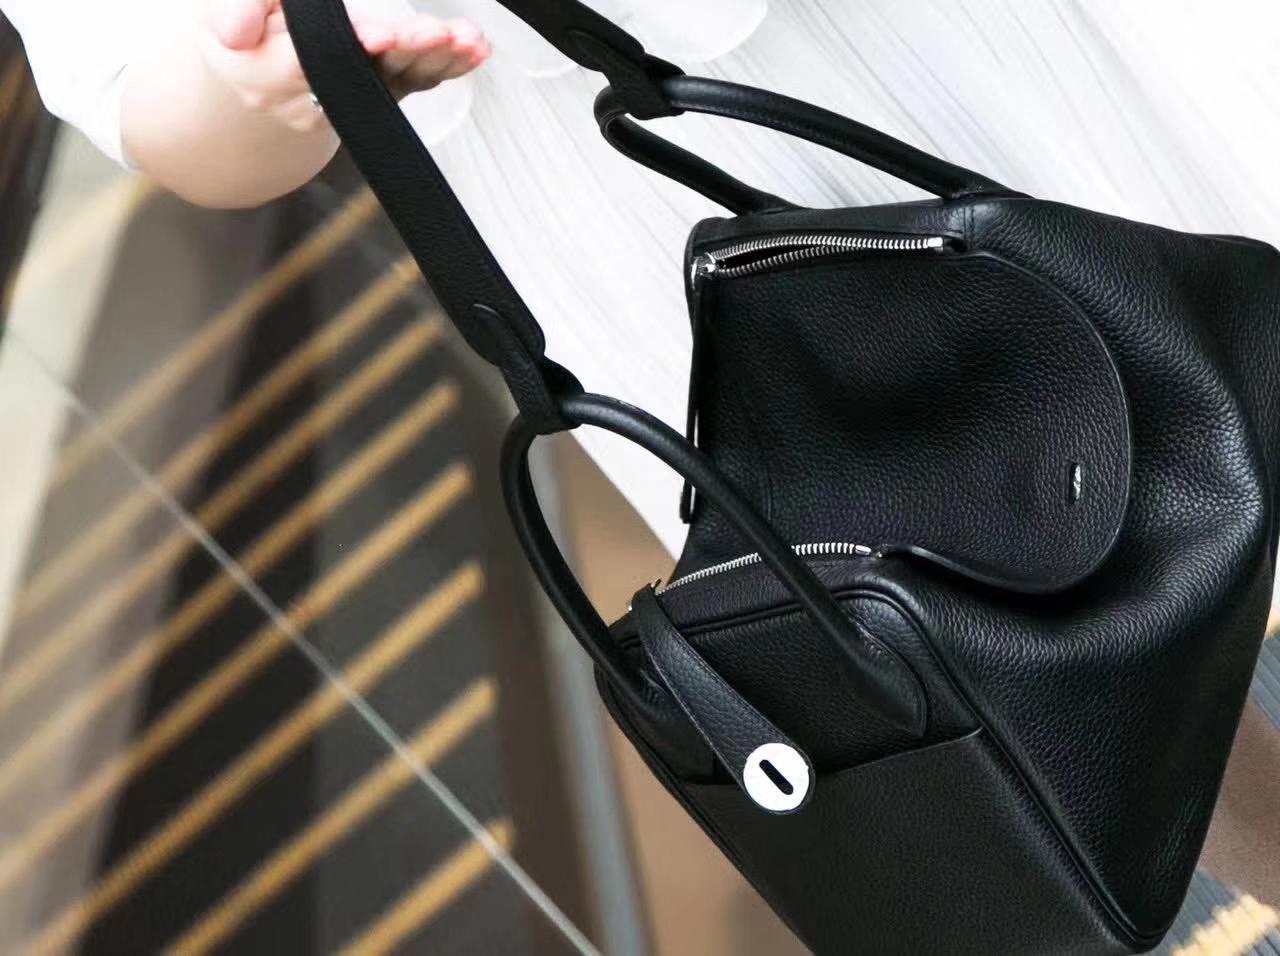 Hermes爱马仕琳迪包尺寸 黑色顶级TC牛皮Lindy包包30cm 银扣